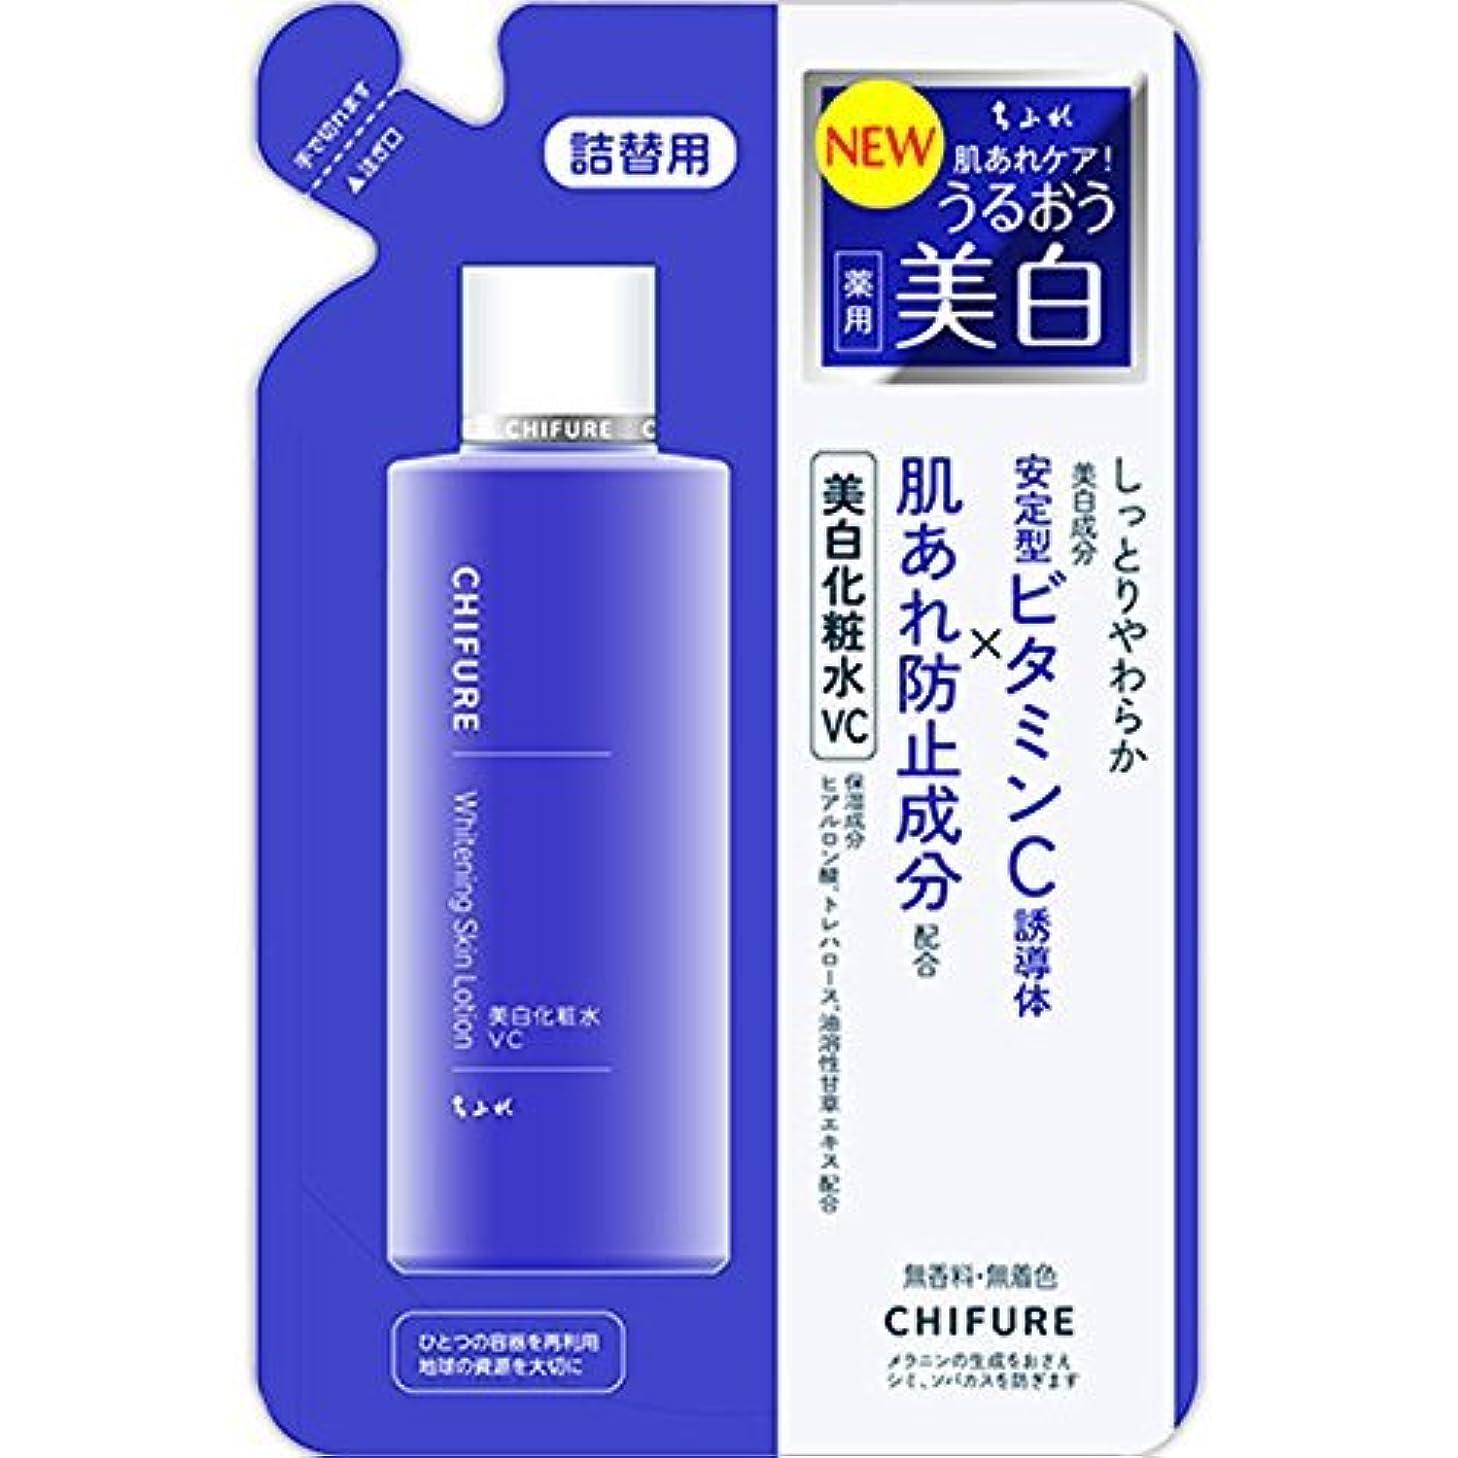 バス正確ウミウシちふれ化粧品 美白化粧水 VC 詰替 180ML (医薬部外品)